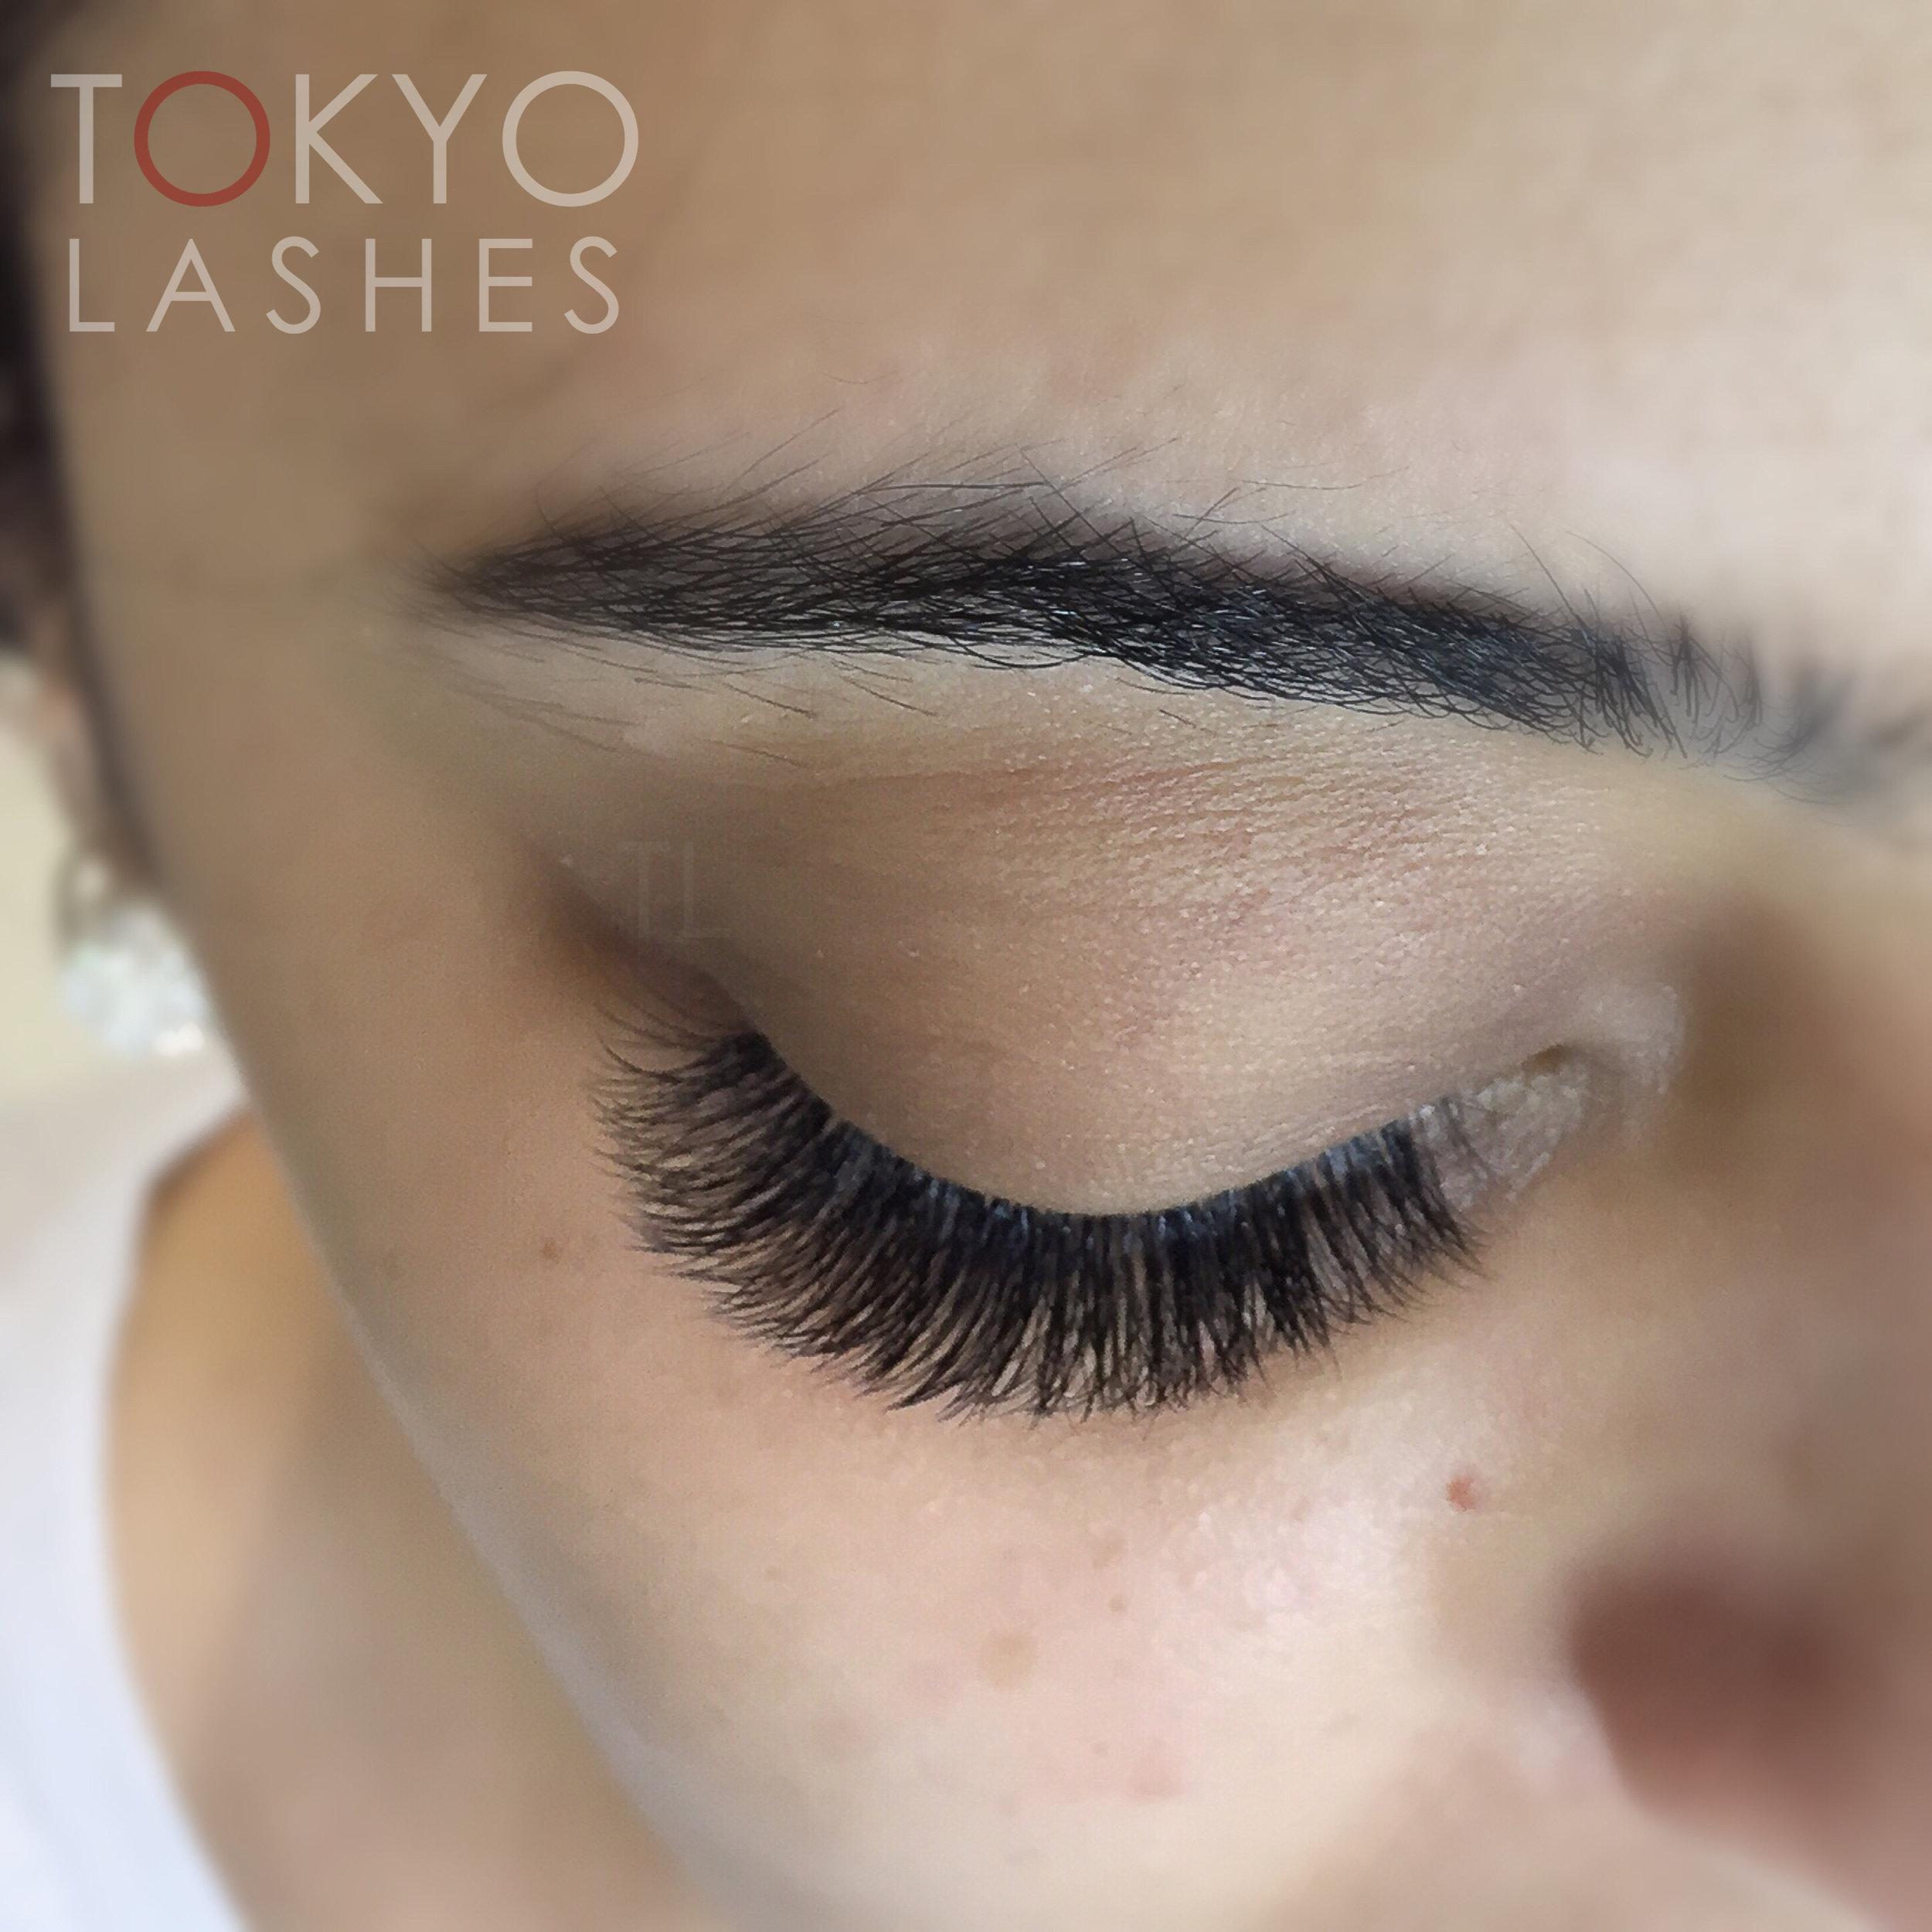 TokyoLashes Pic 2.JPG